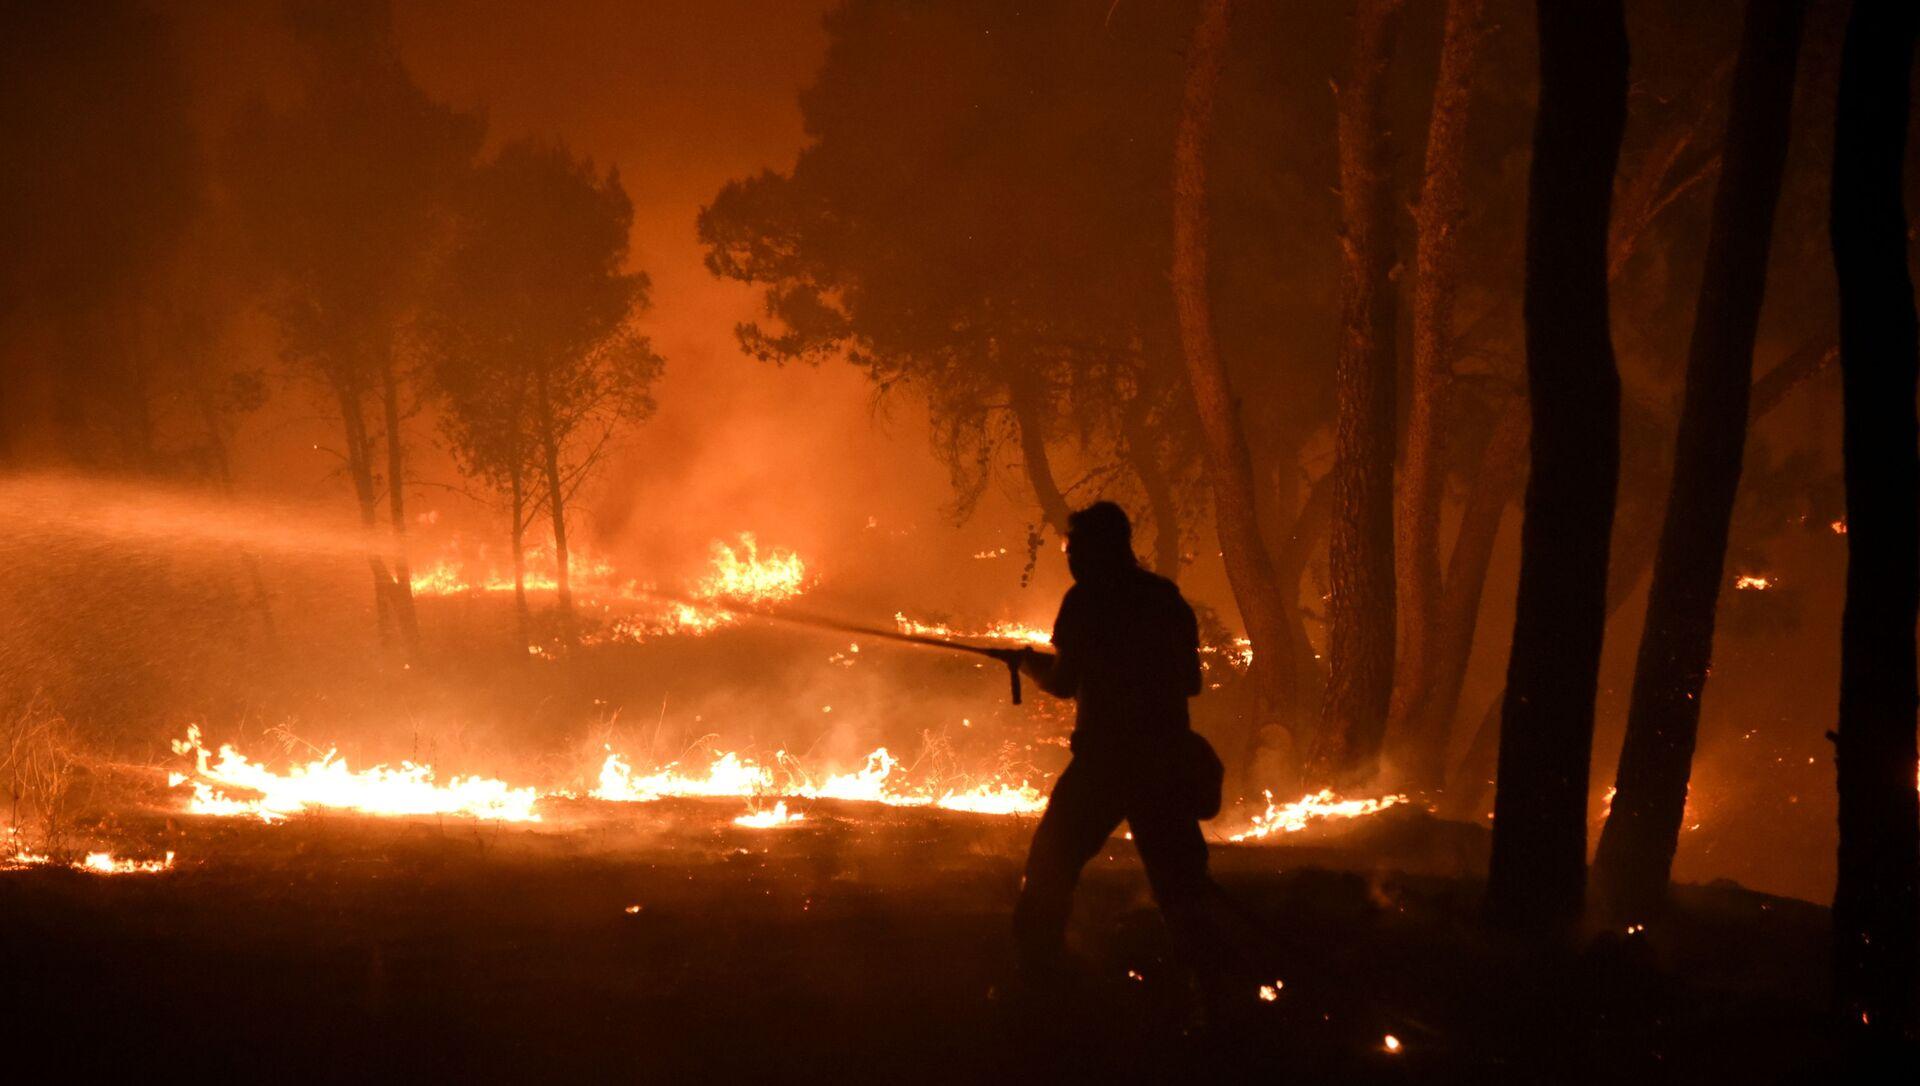 Incendies en Grèce, le 7 août 2021 - Sputnik France, 1920, 16.08.2021